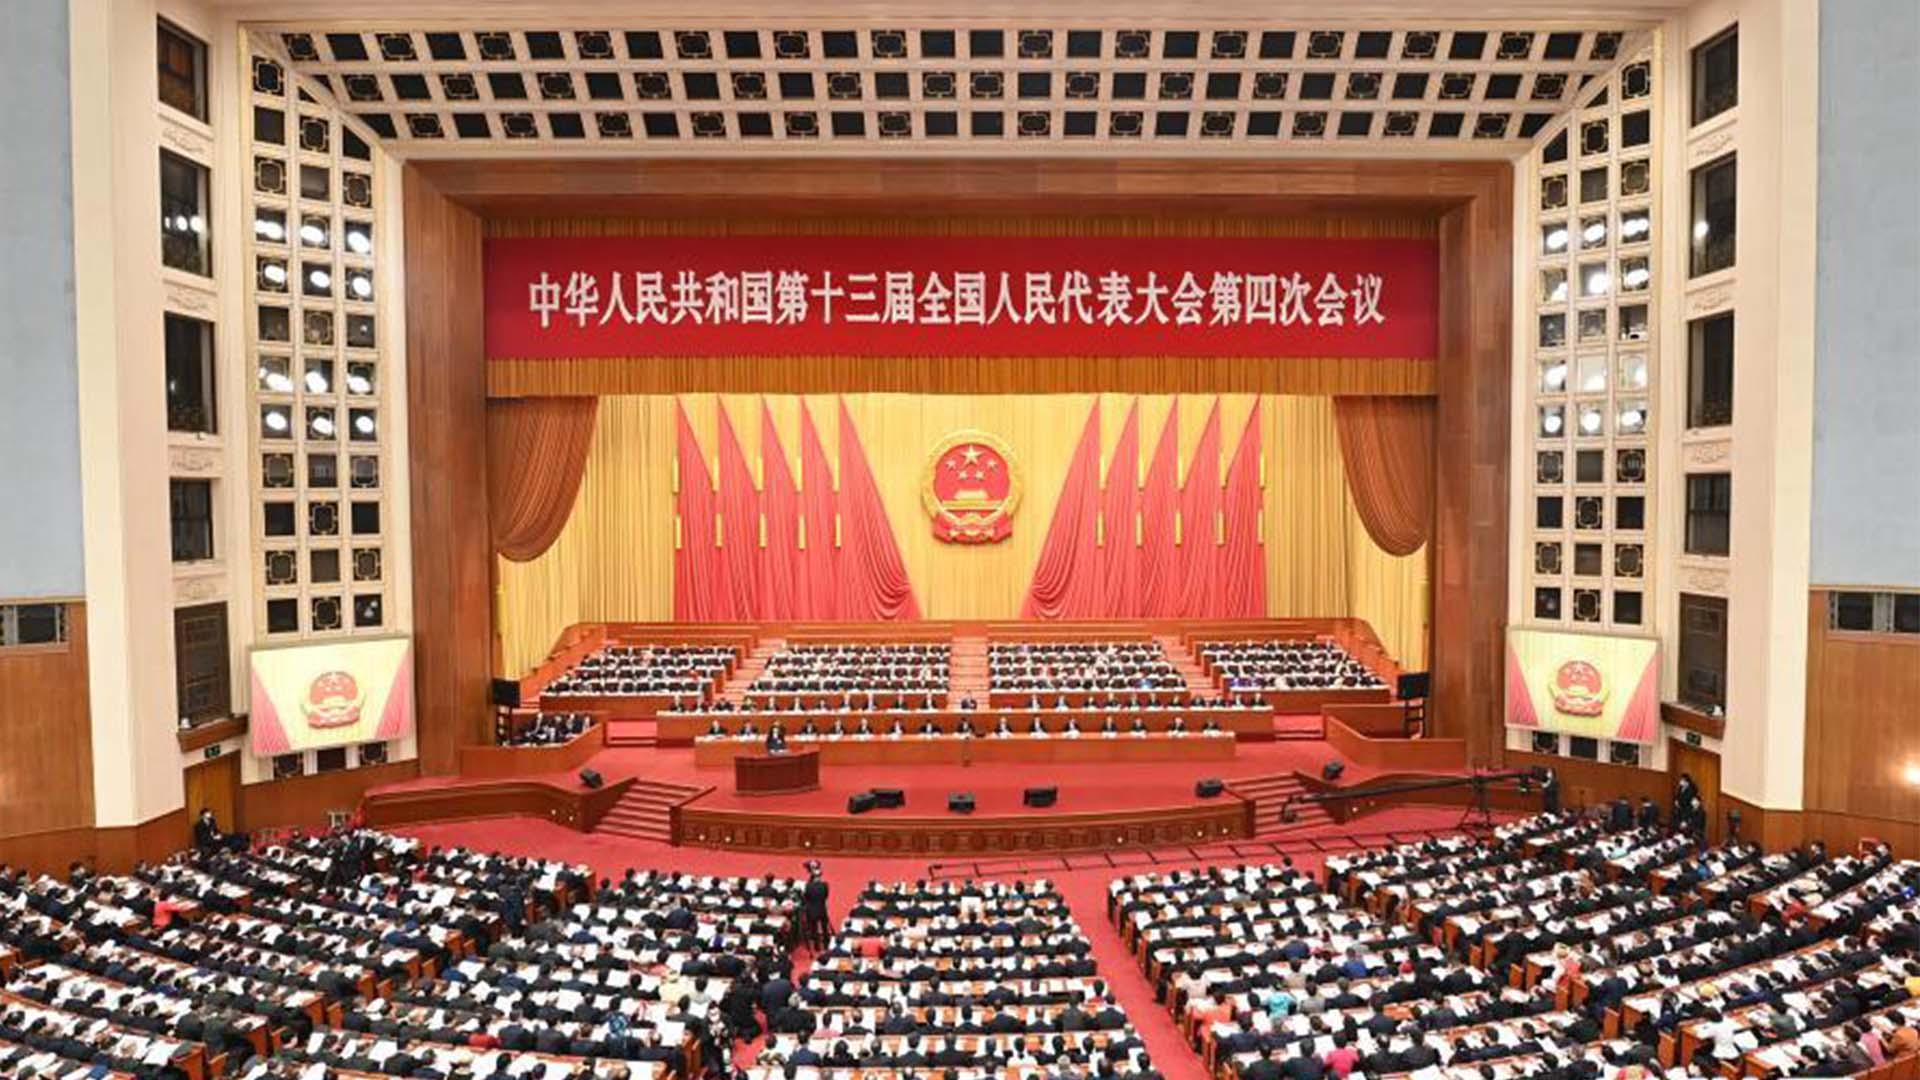 """李克強:堅持一中原則,高度警惕和堅決遏制""""臺獨""""分裂活動圖片"""